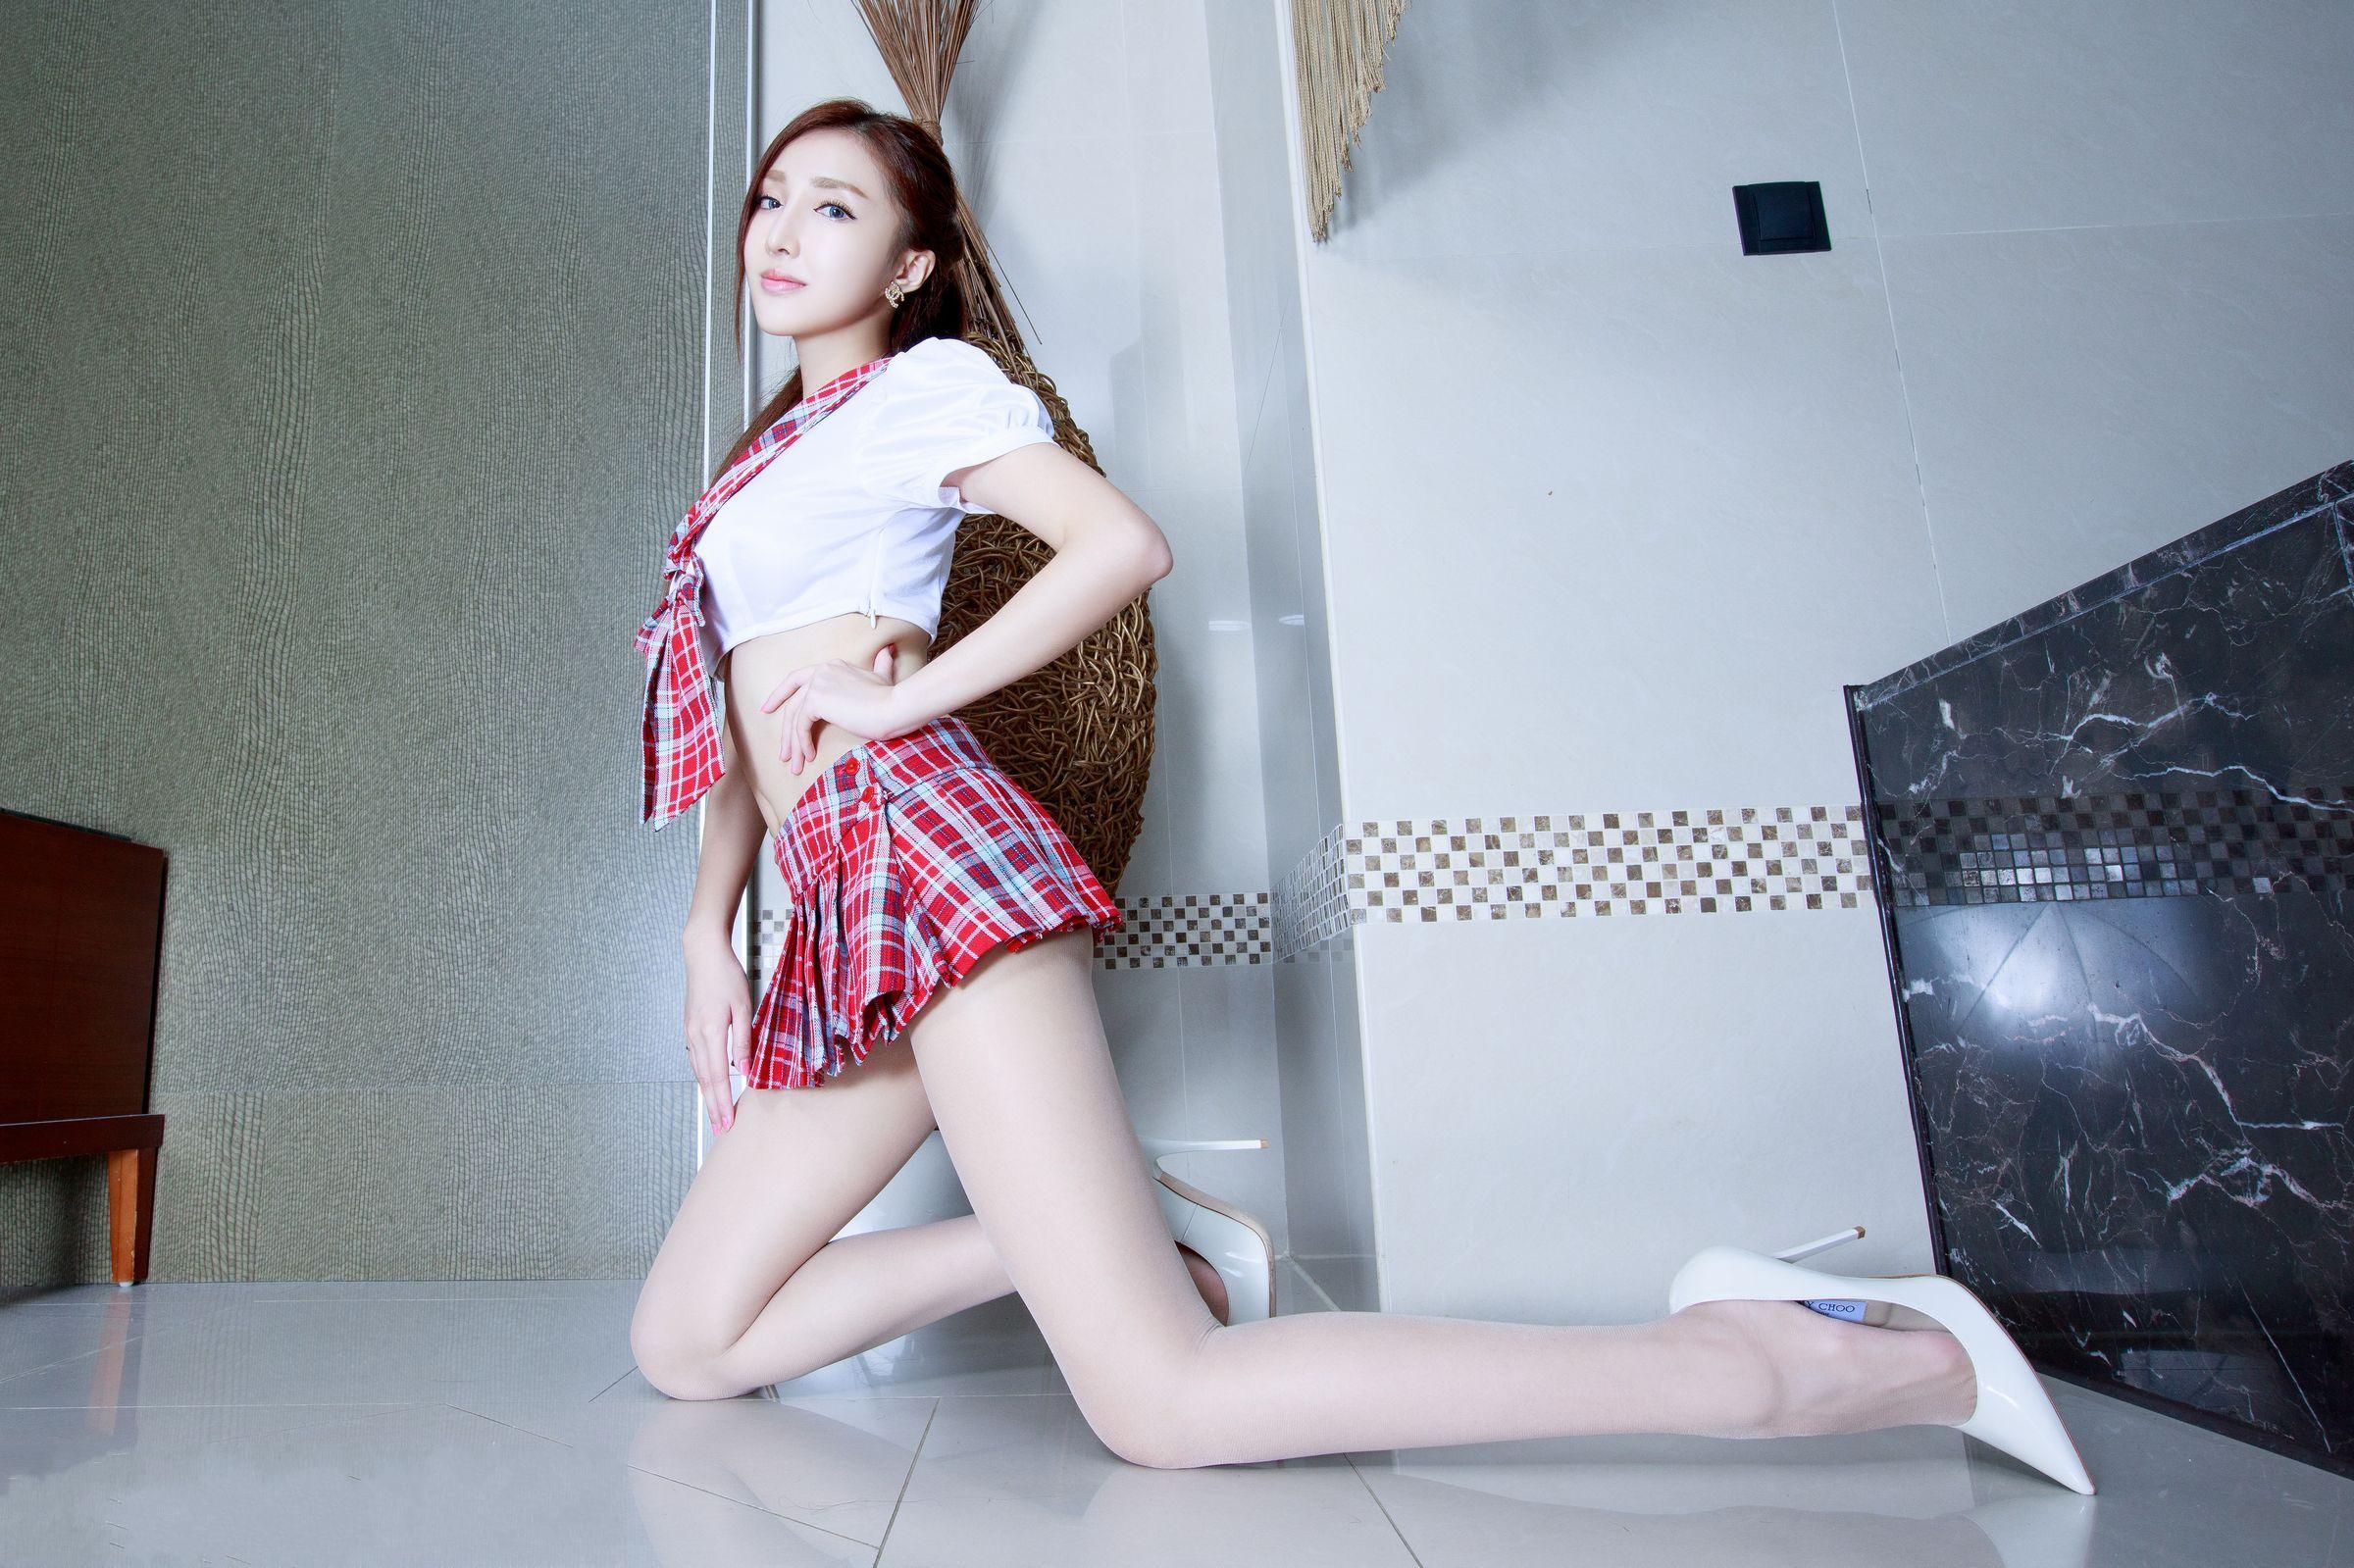 爱秀美腿秀-Syuan - 花開有聲 - 花開有聲